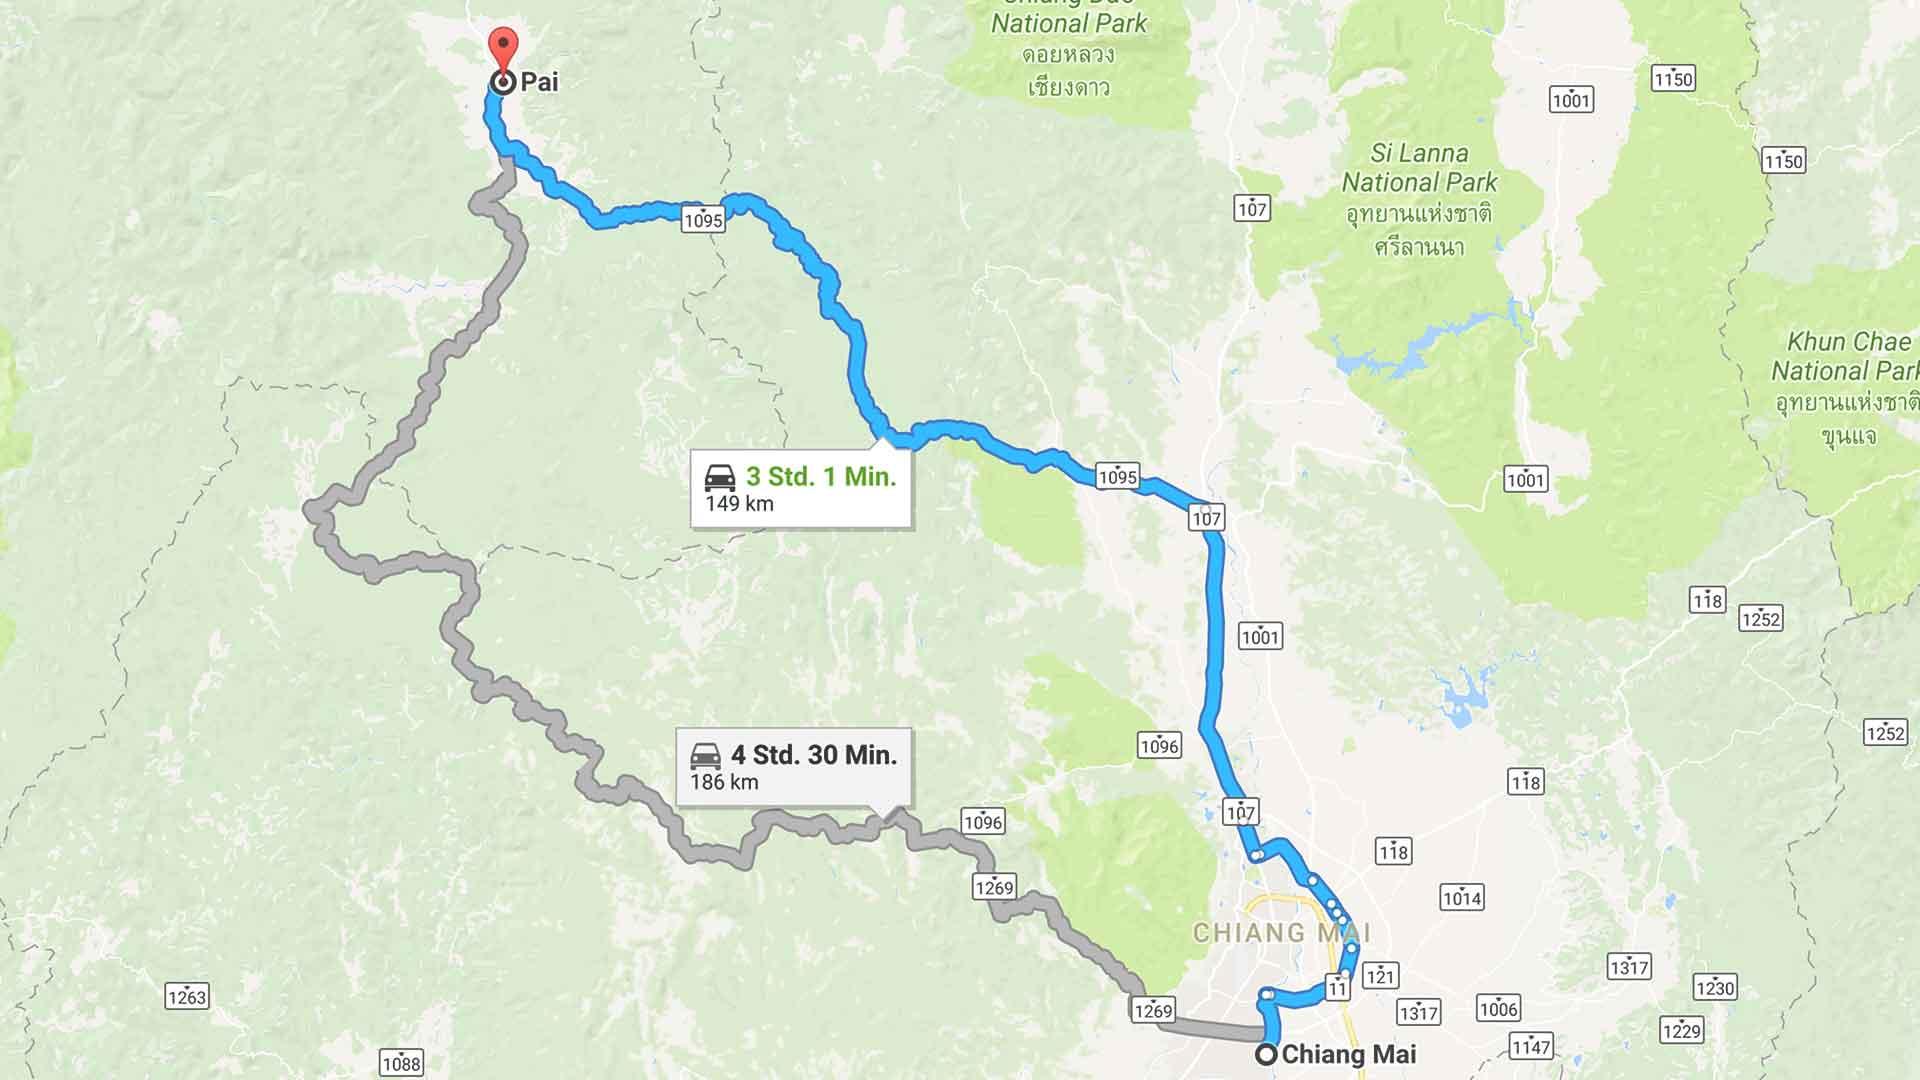 Von Chiang Mai nach Pai - Google Maps Ausschnitt